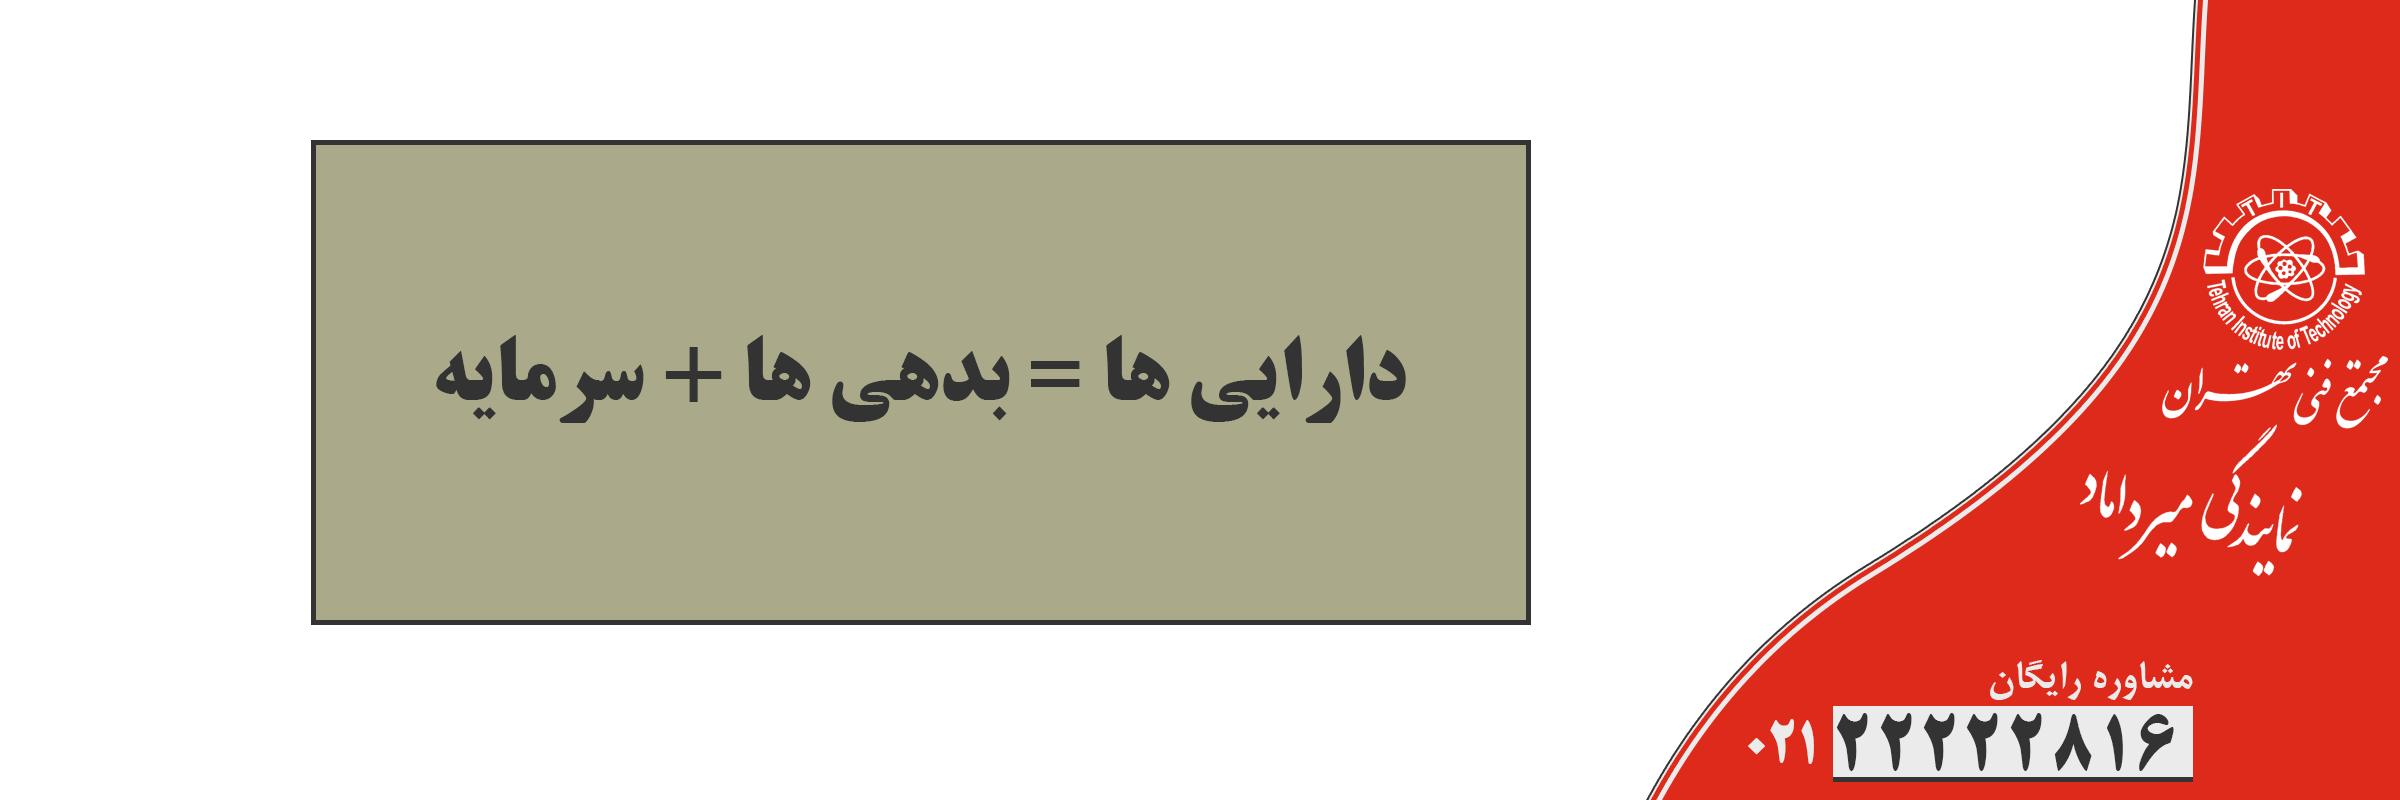 معادله حسابداری محاسبه دارایی ها